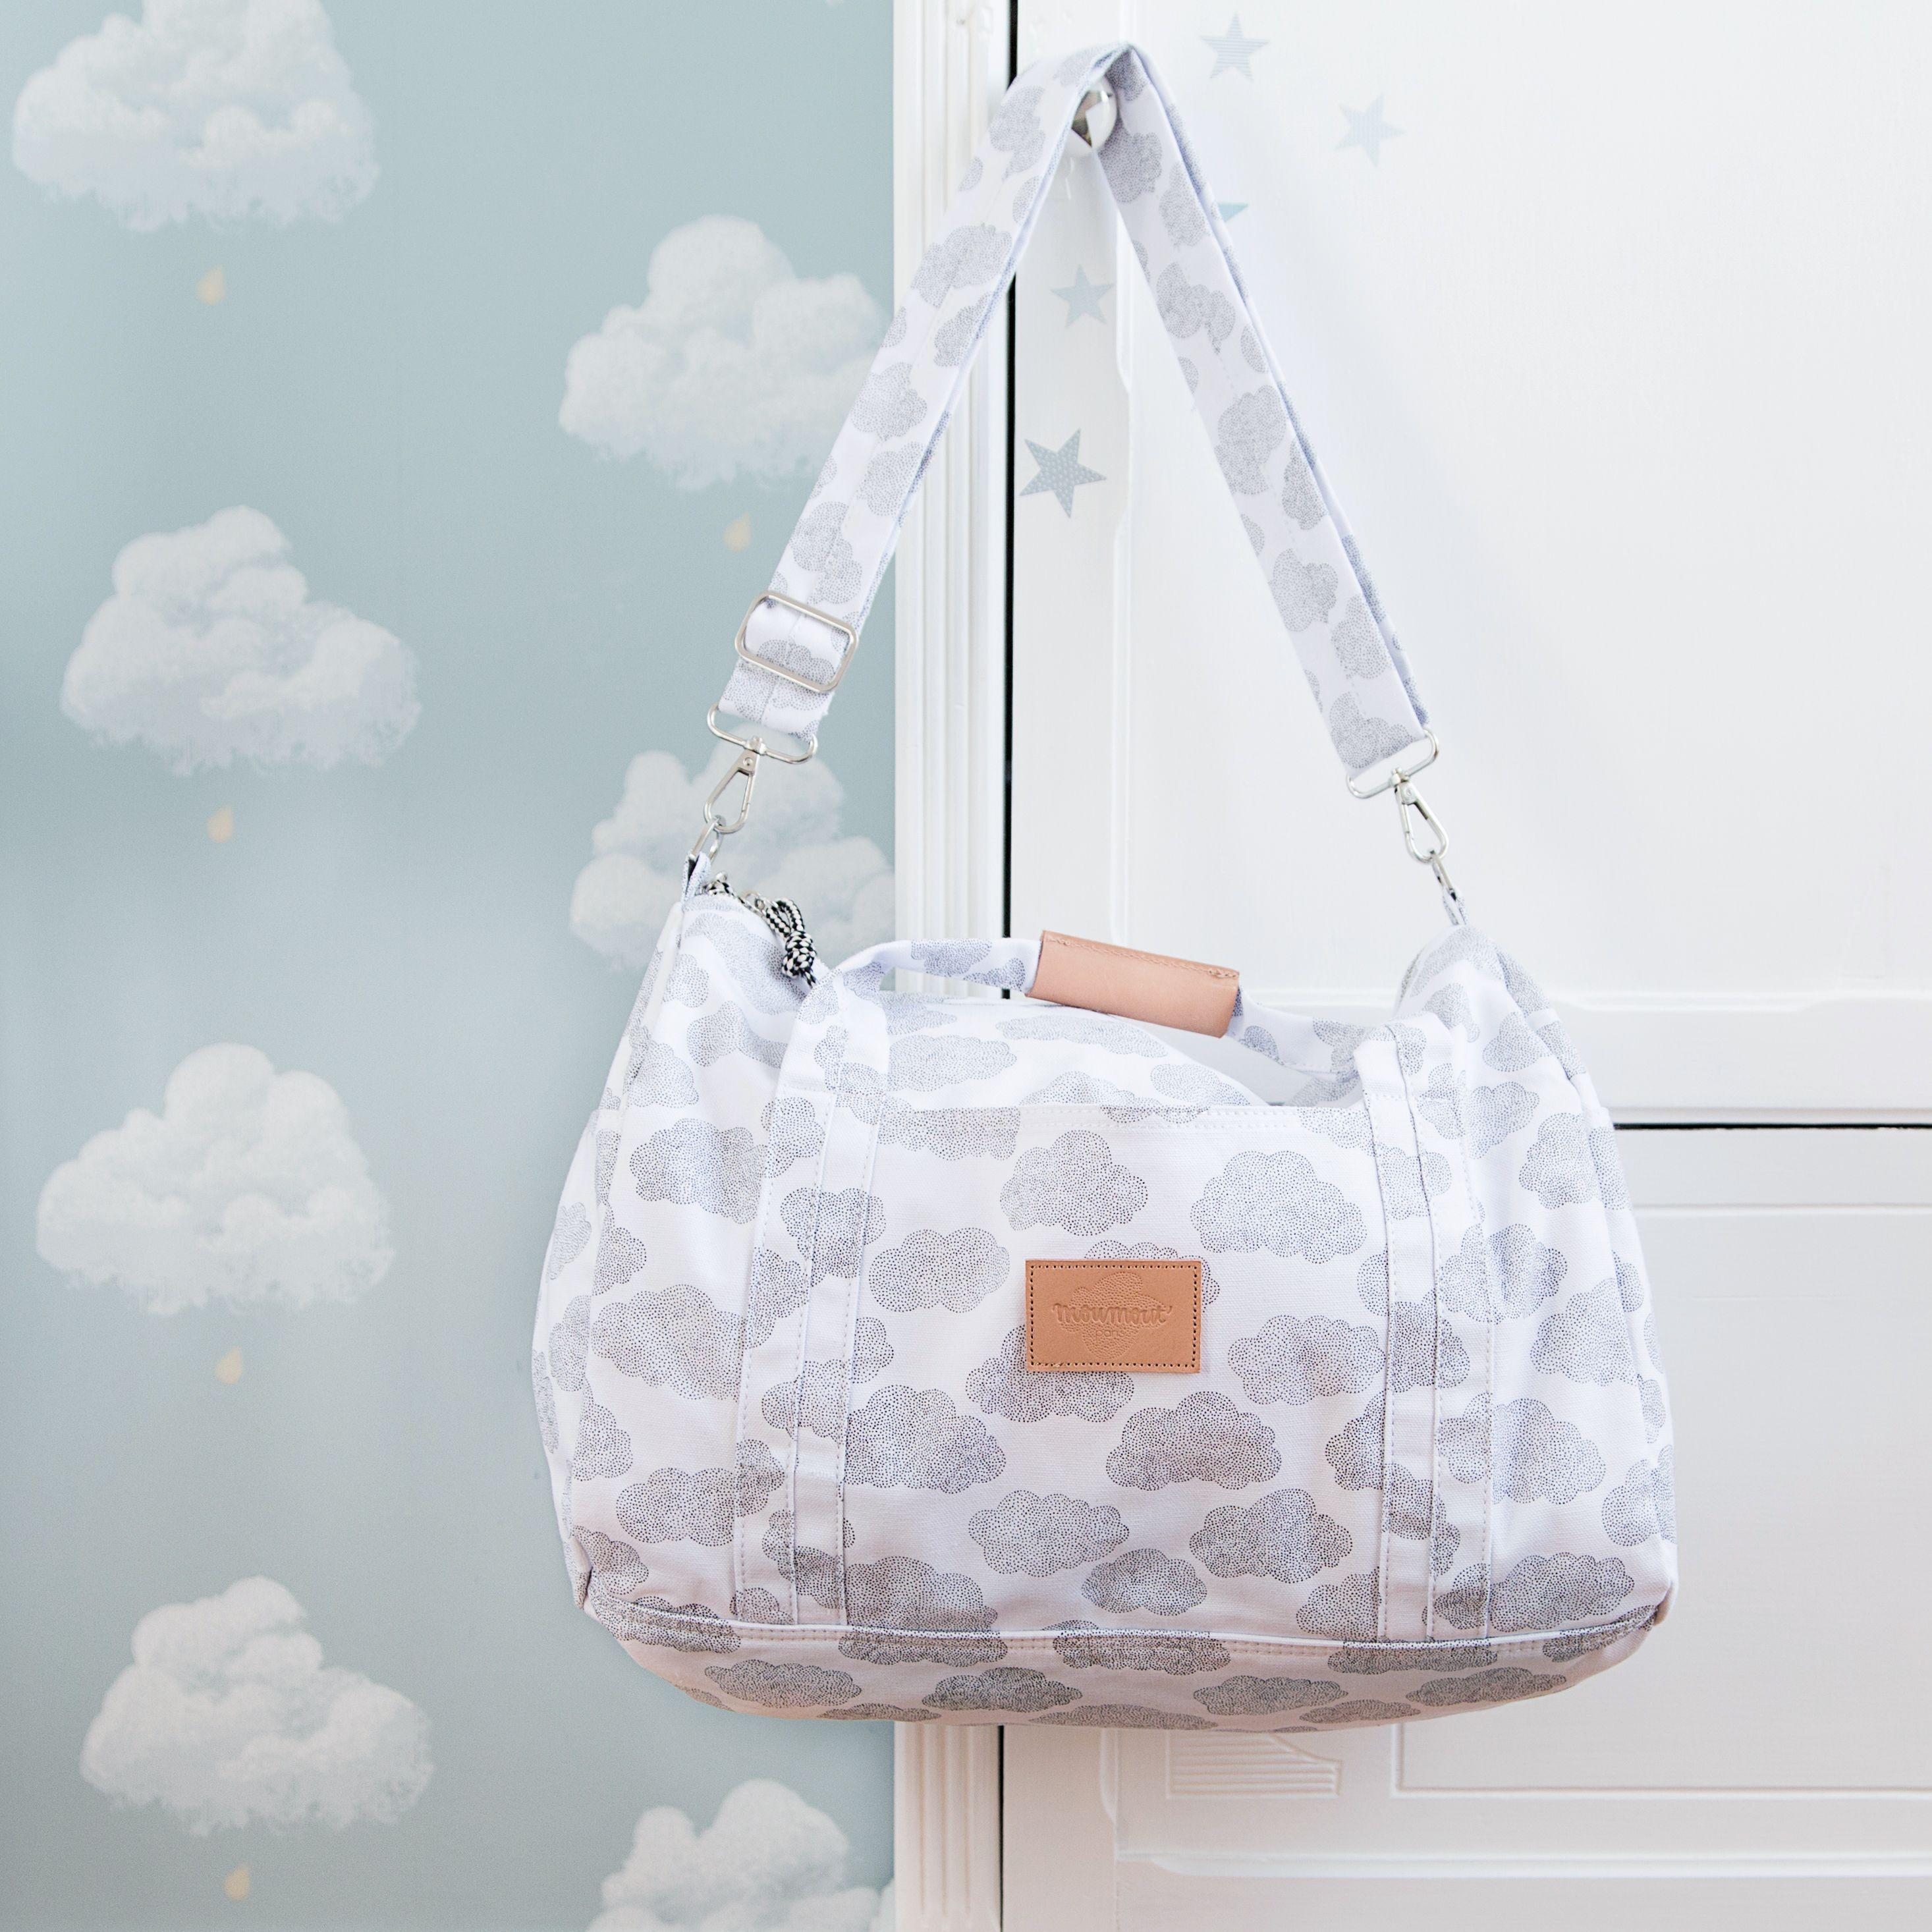 Et Baby Moumout' Pinterest Couture À Le Sac Maman Baby Langer La pour Sewing FPx6Rqw